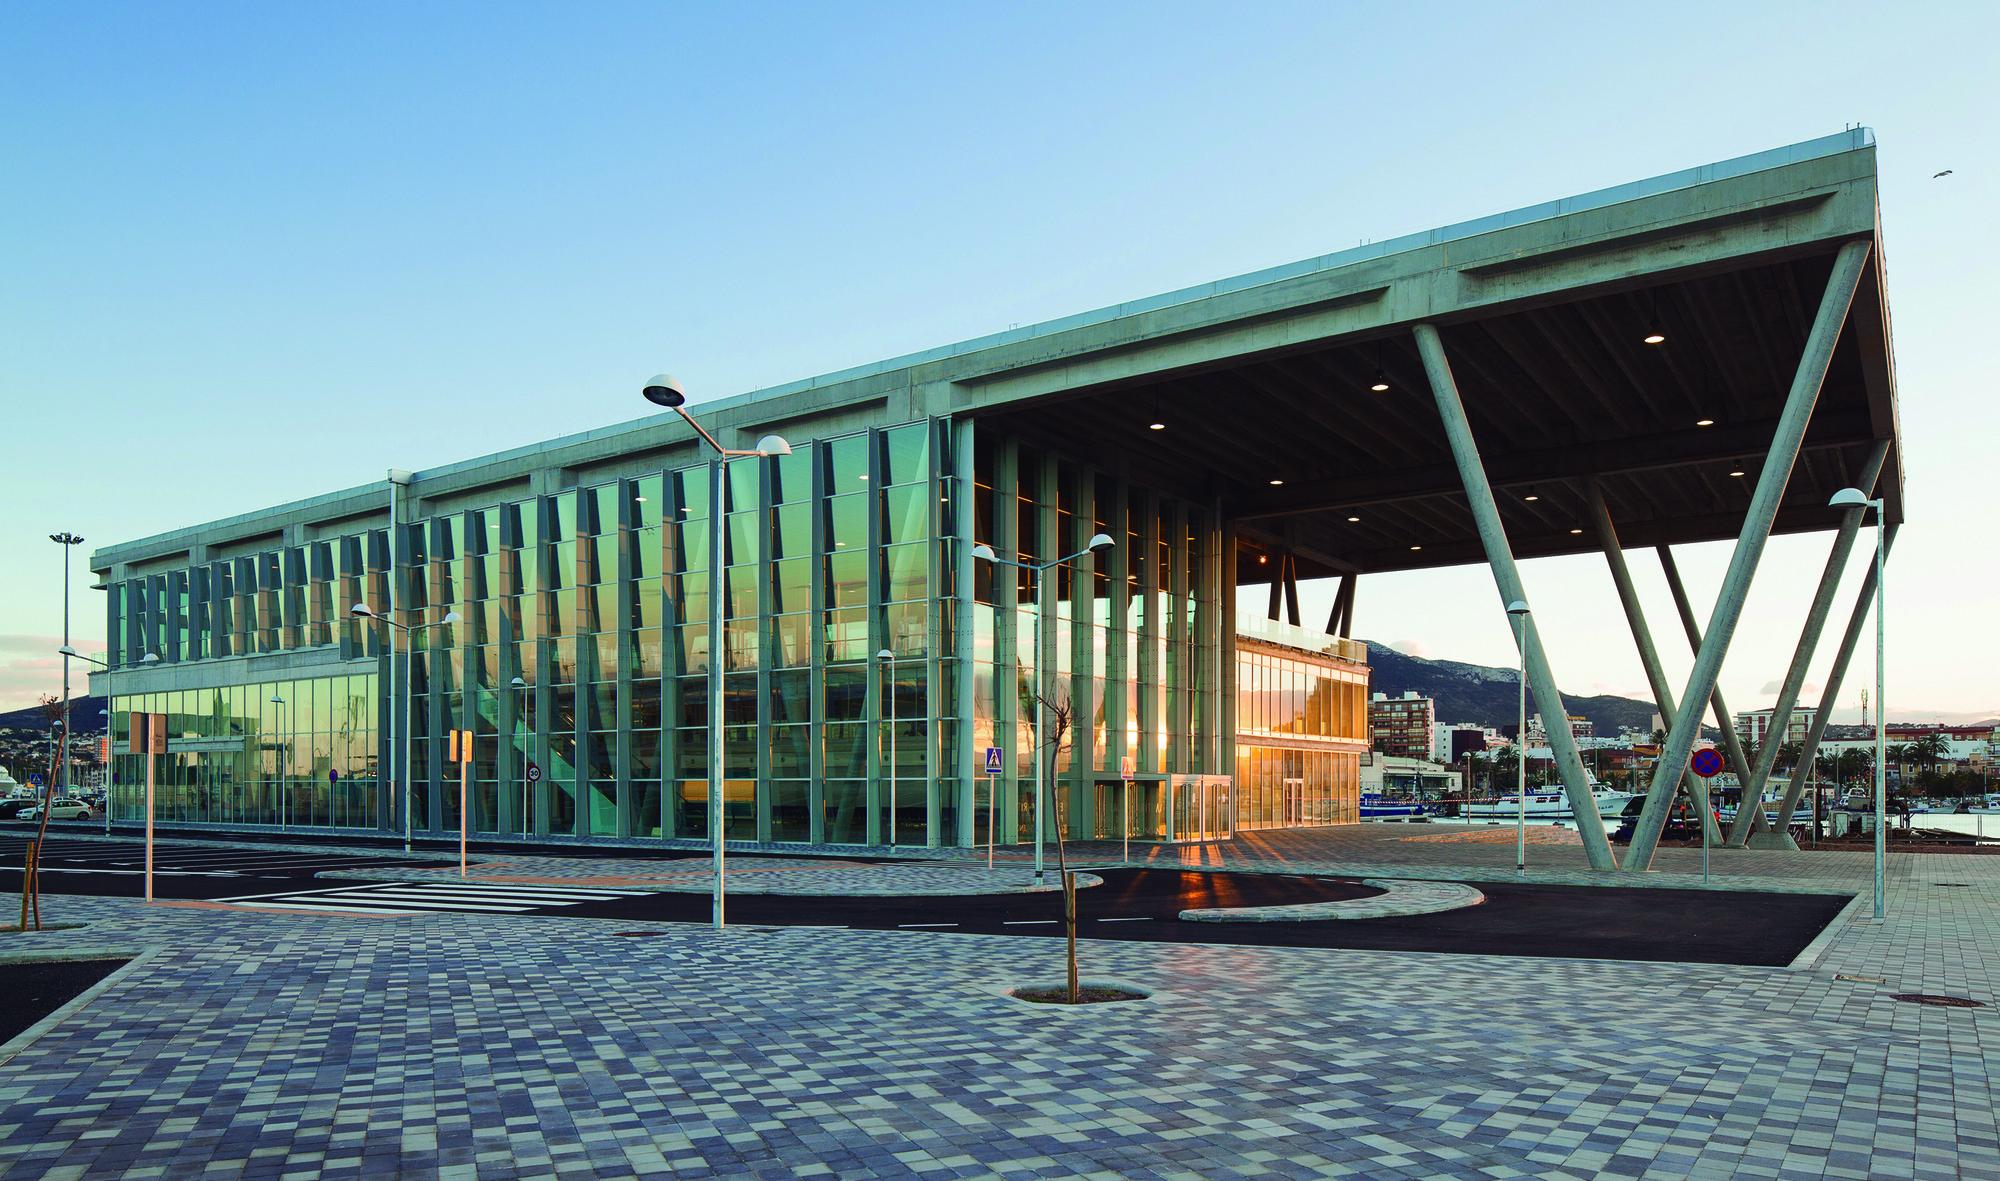 Nueva Terminal de Pasajeros del Puerto de Denia  / Alberich Casqueiro + Proes Consultores SA, © Ferrovial